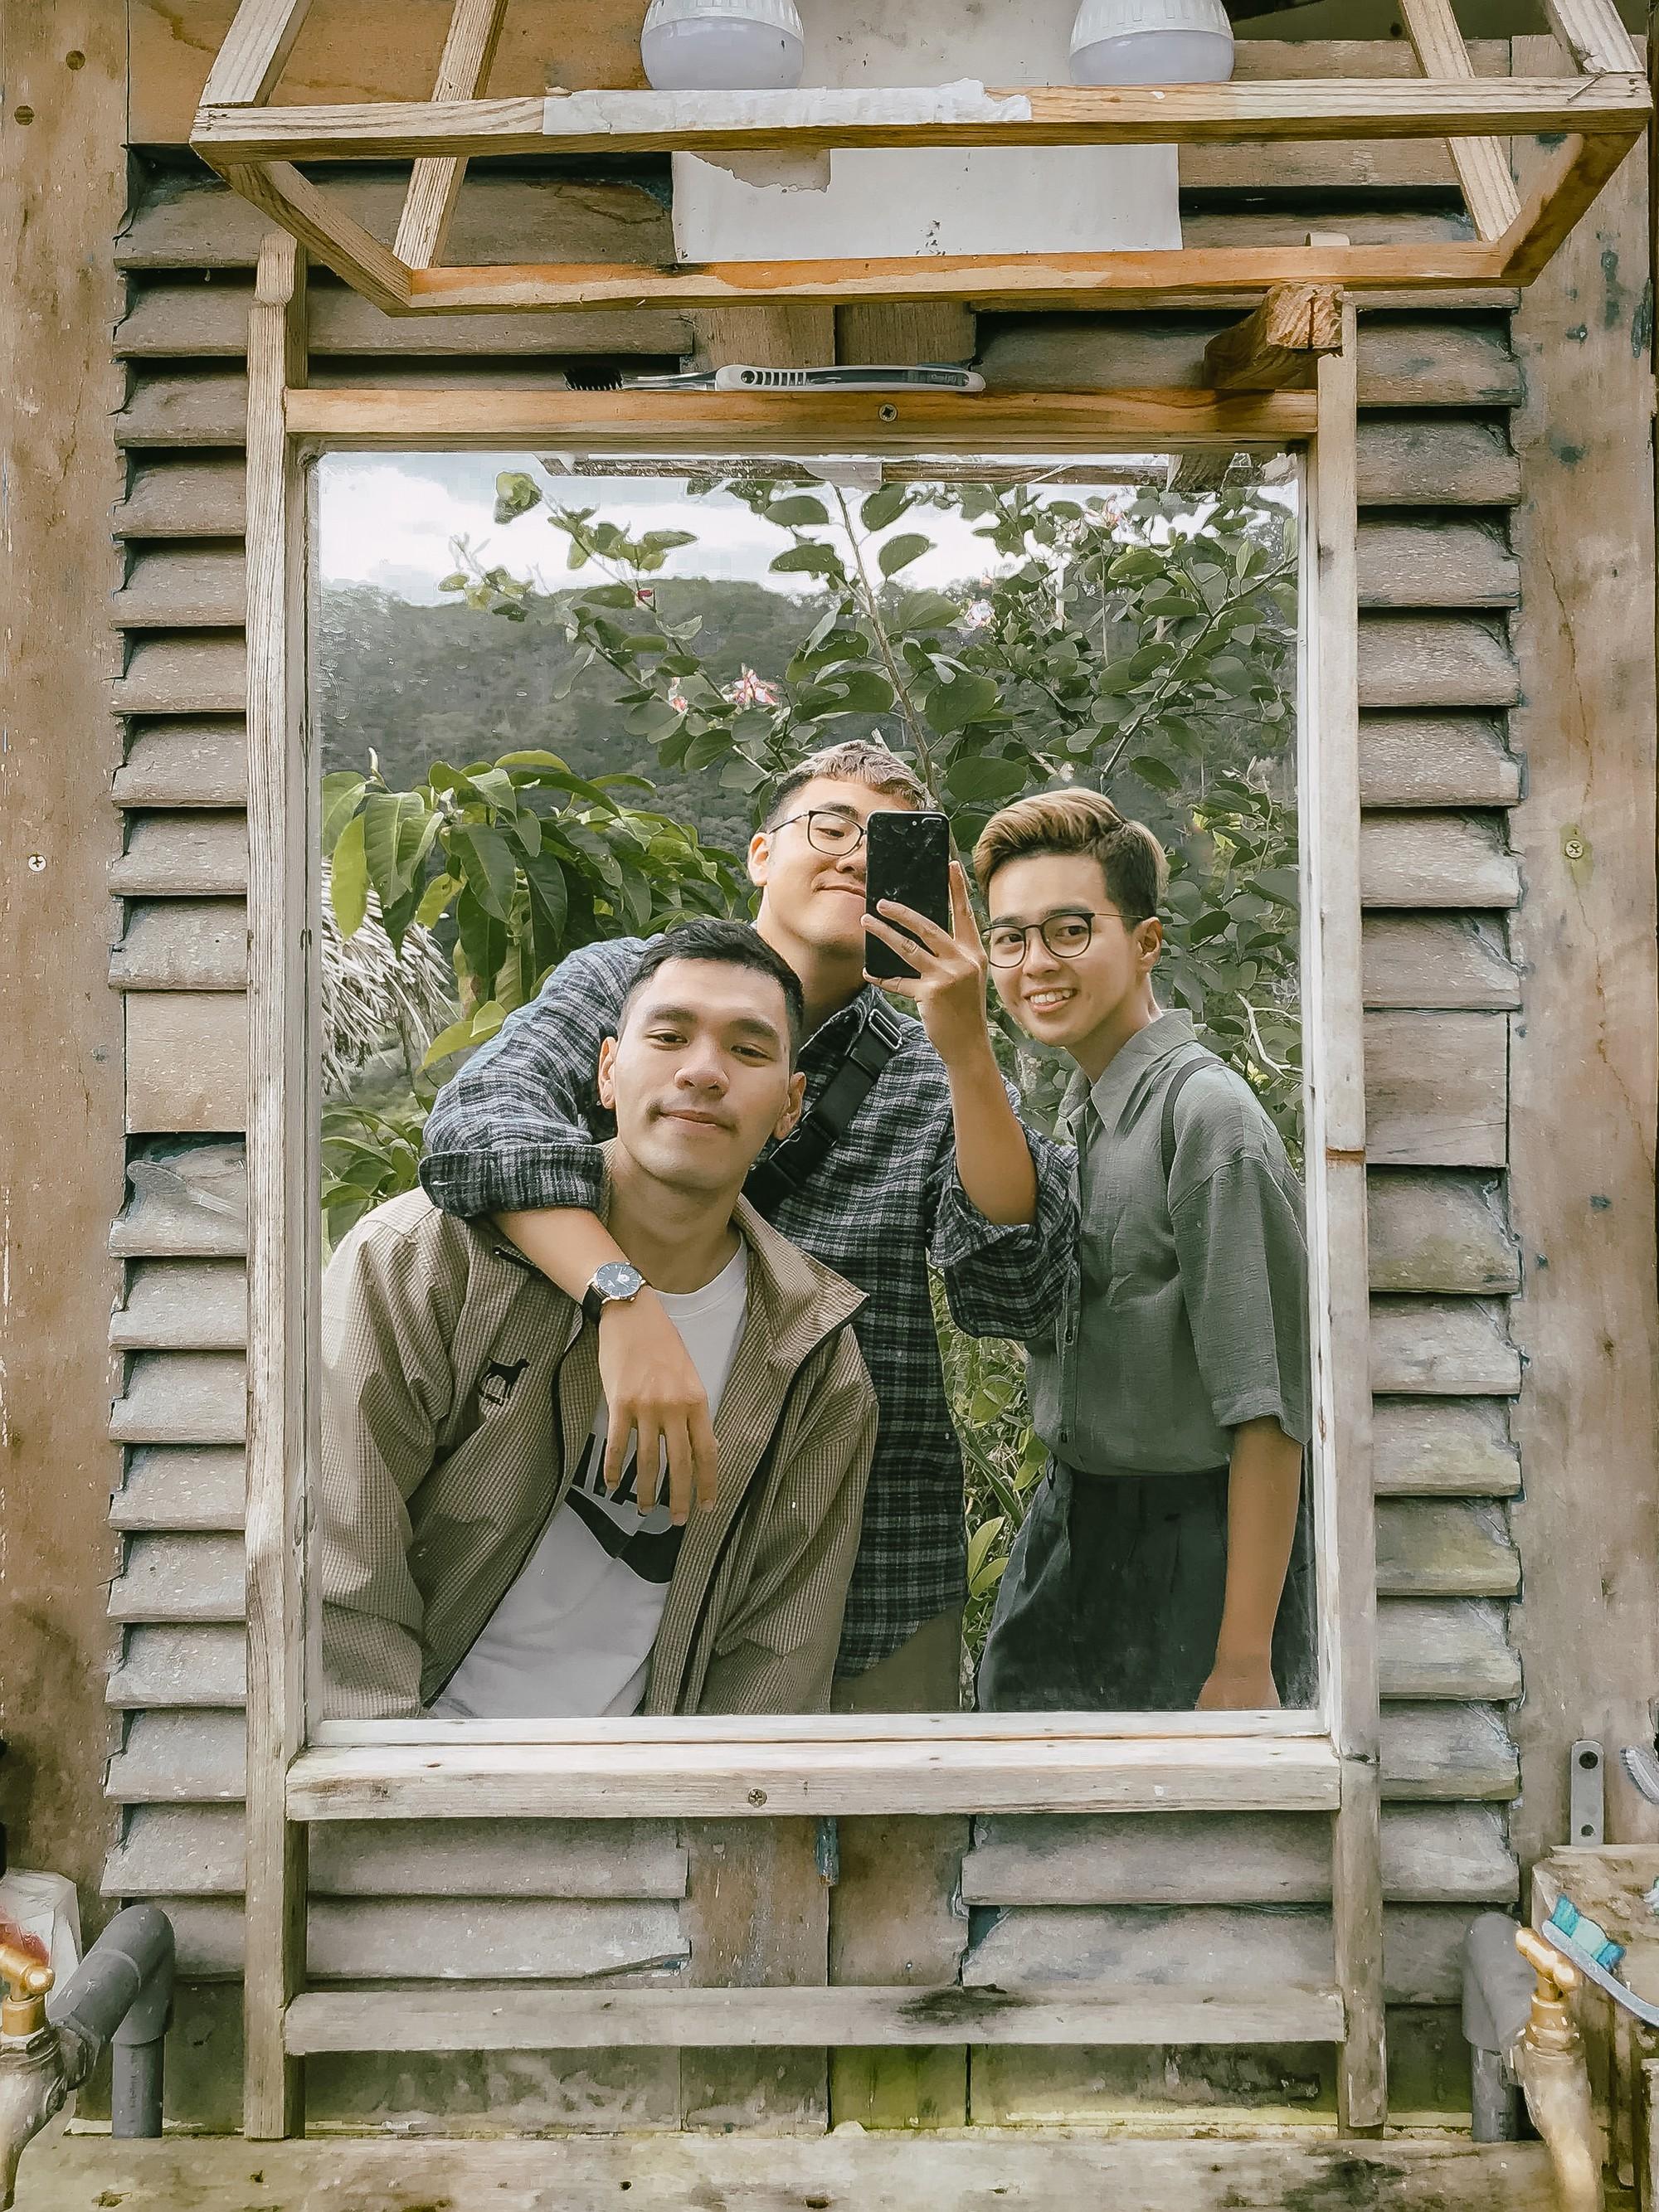 Hội bạn thân 3 miền Bắc - Trung - Nam rủ nhau lên Đà Lạt, chụp ảnh nhóm xuất sắc như bìa tạp chí 8